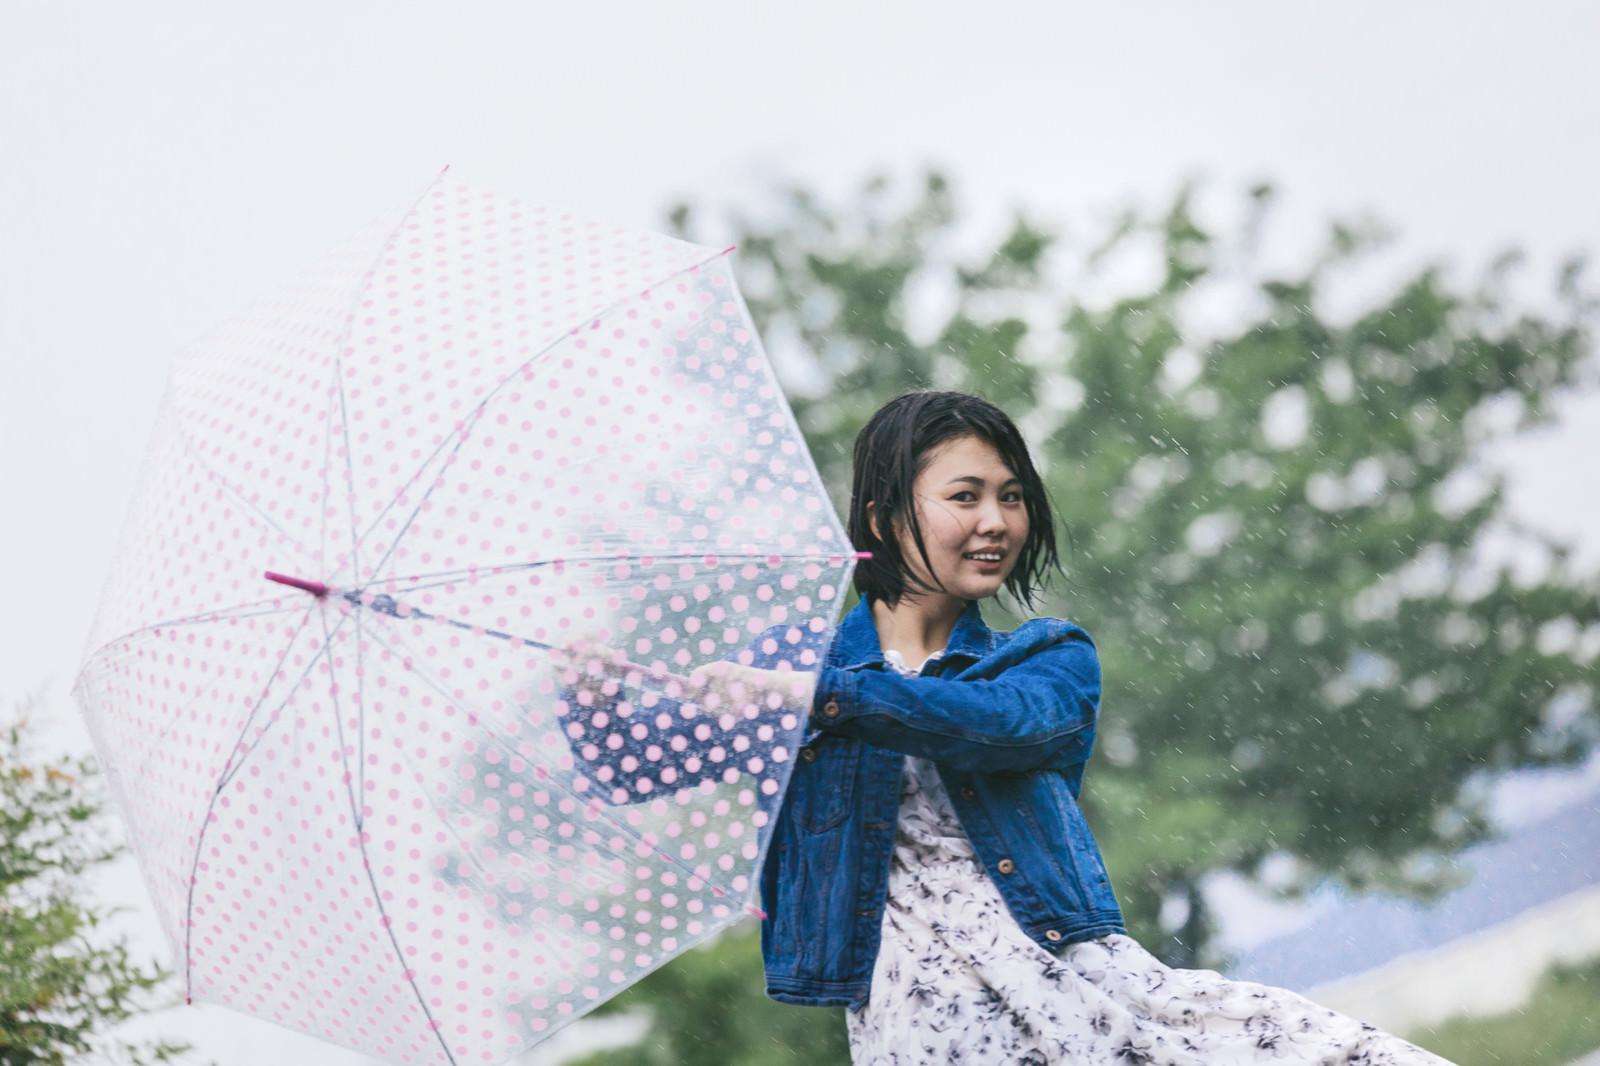 「雨に唄えば女子雨に唄えば女子」[モデル:佐竹PP]のフリー写真素材を拡大